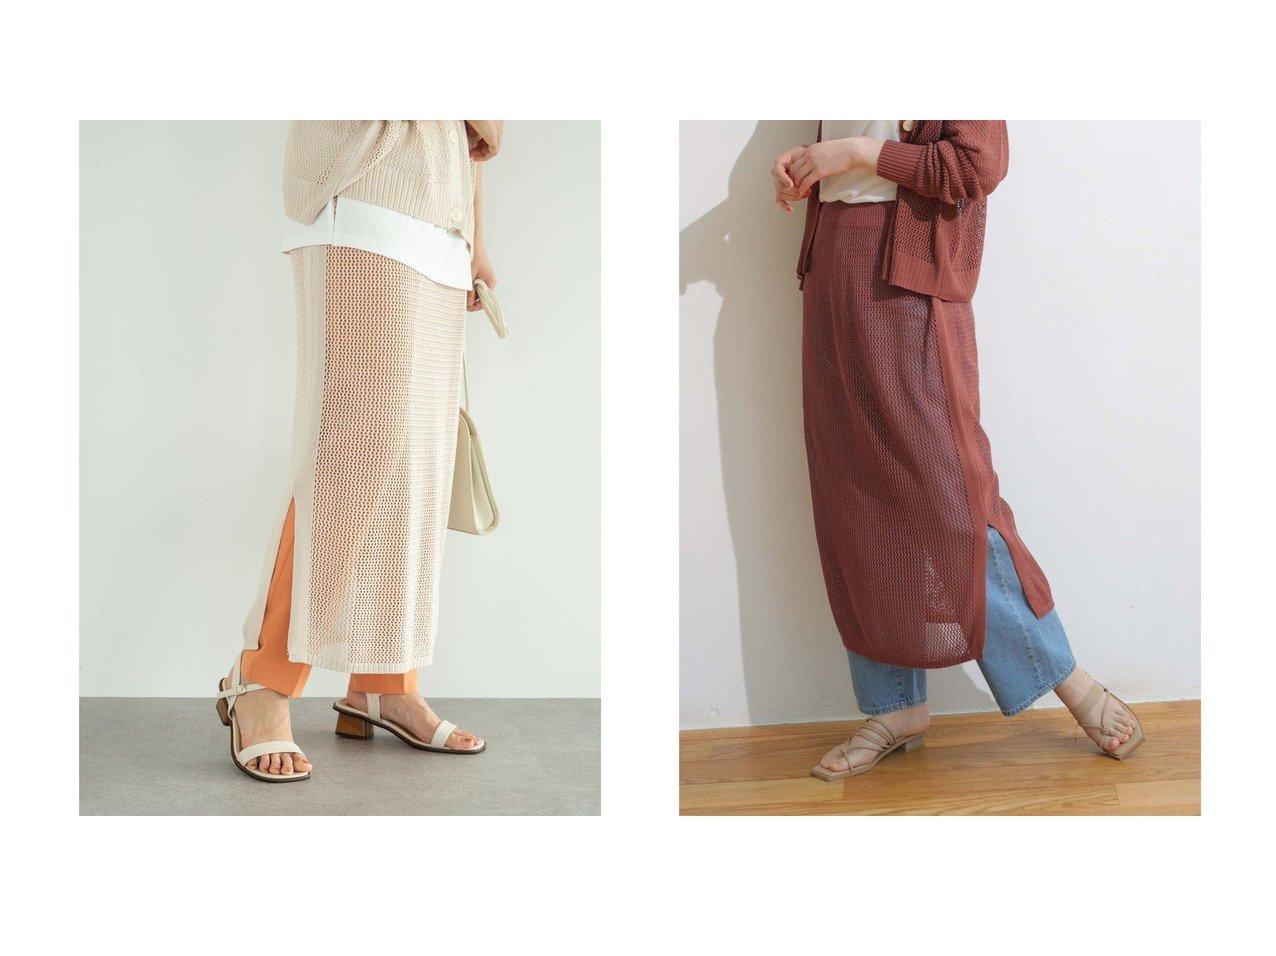 【Green Parks/グリーンパークス】のメッシュニットスカート 【プチプライス・低価格】おすすめ!人気、トレンド・レディースファッションの通販 おすすめで人気の流行・トレンド、ファッションの通販商品 インテリア・家具・メンズファッション・キッズファッション・レディースファッション・服の通販 founy(ファニー) https://founy.com/ ファッション Fashion レディースファッション WOMEN スカート Skirt 送料無料 Free Shipping  ID:crp329100000054167